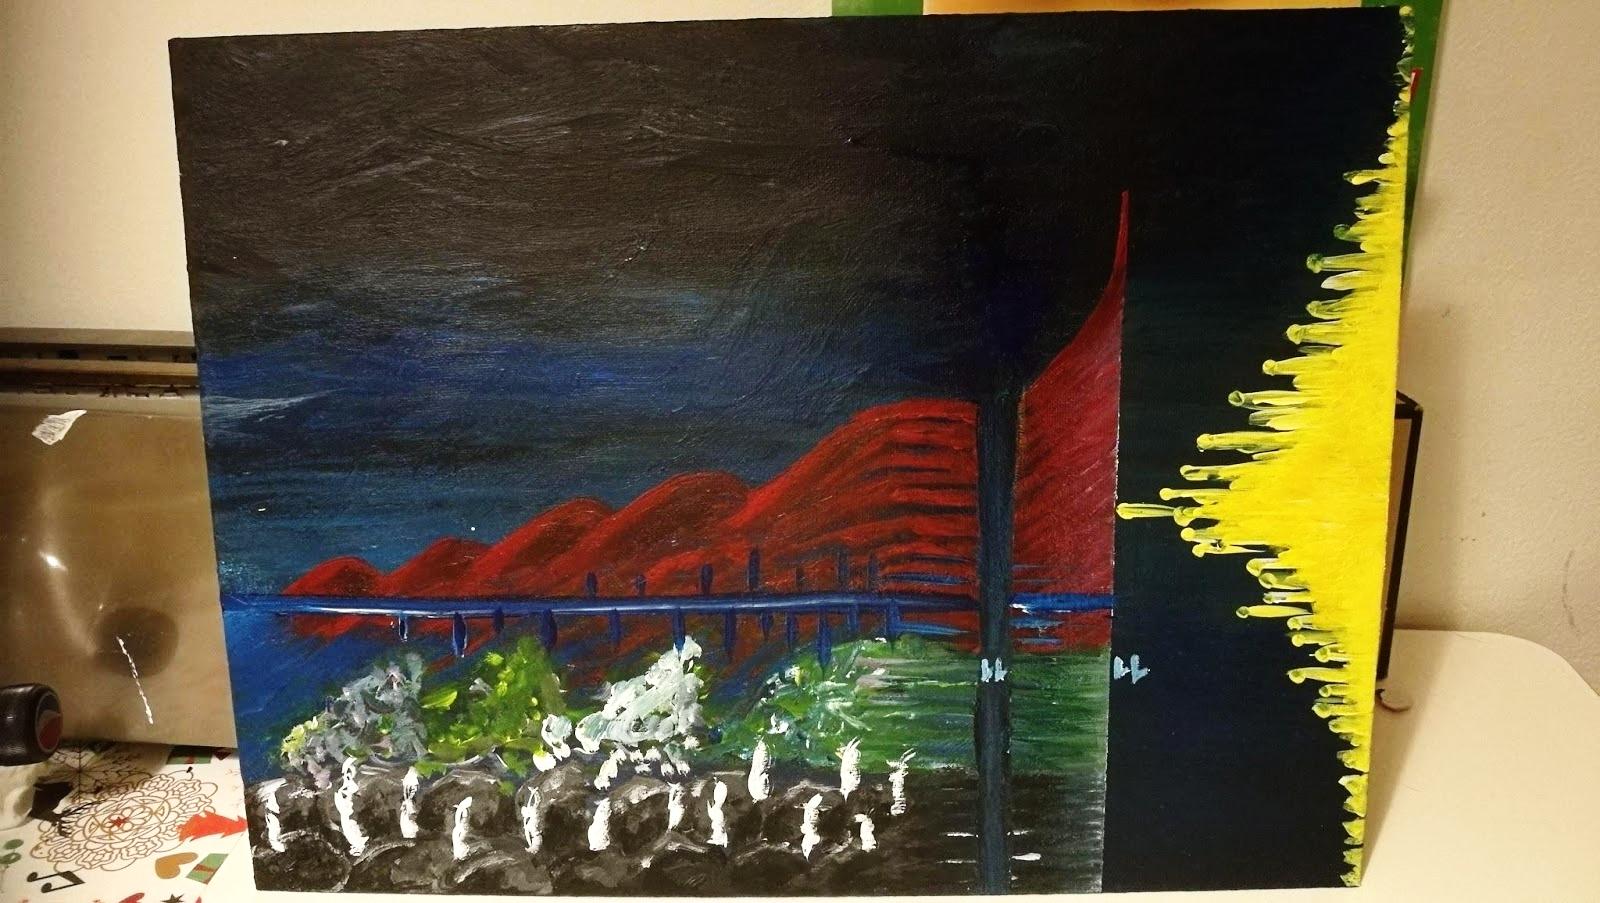 Tästä maalauksesta lähdimme liikkeelle. Luimme maalausta vasemmalta oikealle kuten nuottiakin, ja erilaiset väripinnat kuvastivat eri laulajaryhmien rooleja.